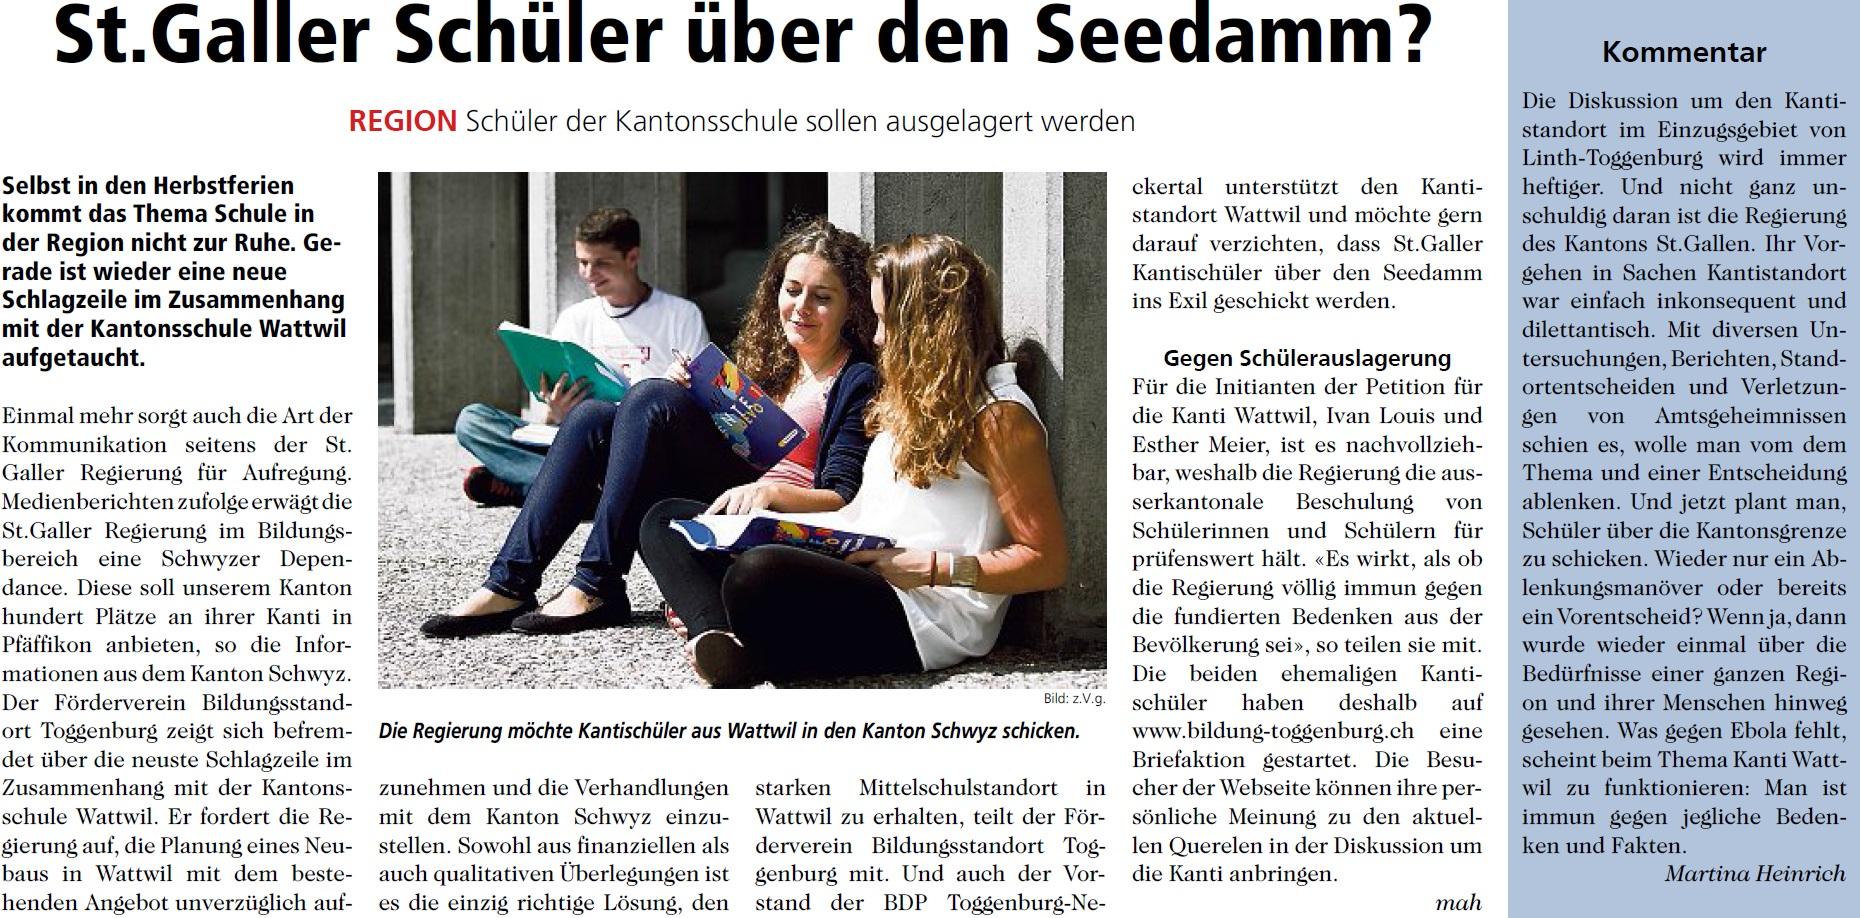 St. Galler Schüler über den Seedam? (Mittwoch, 08.10.2014)